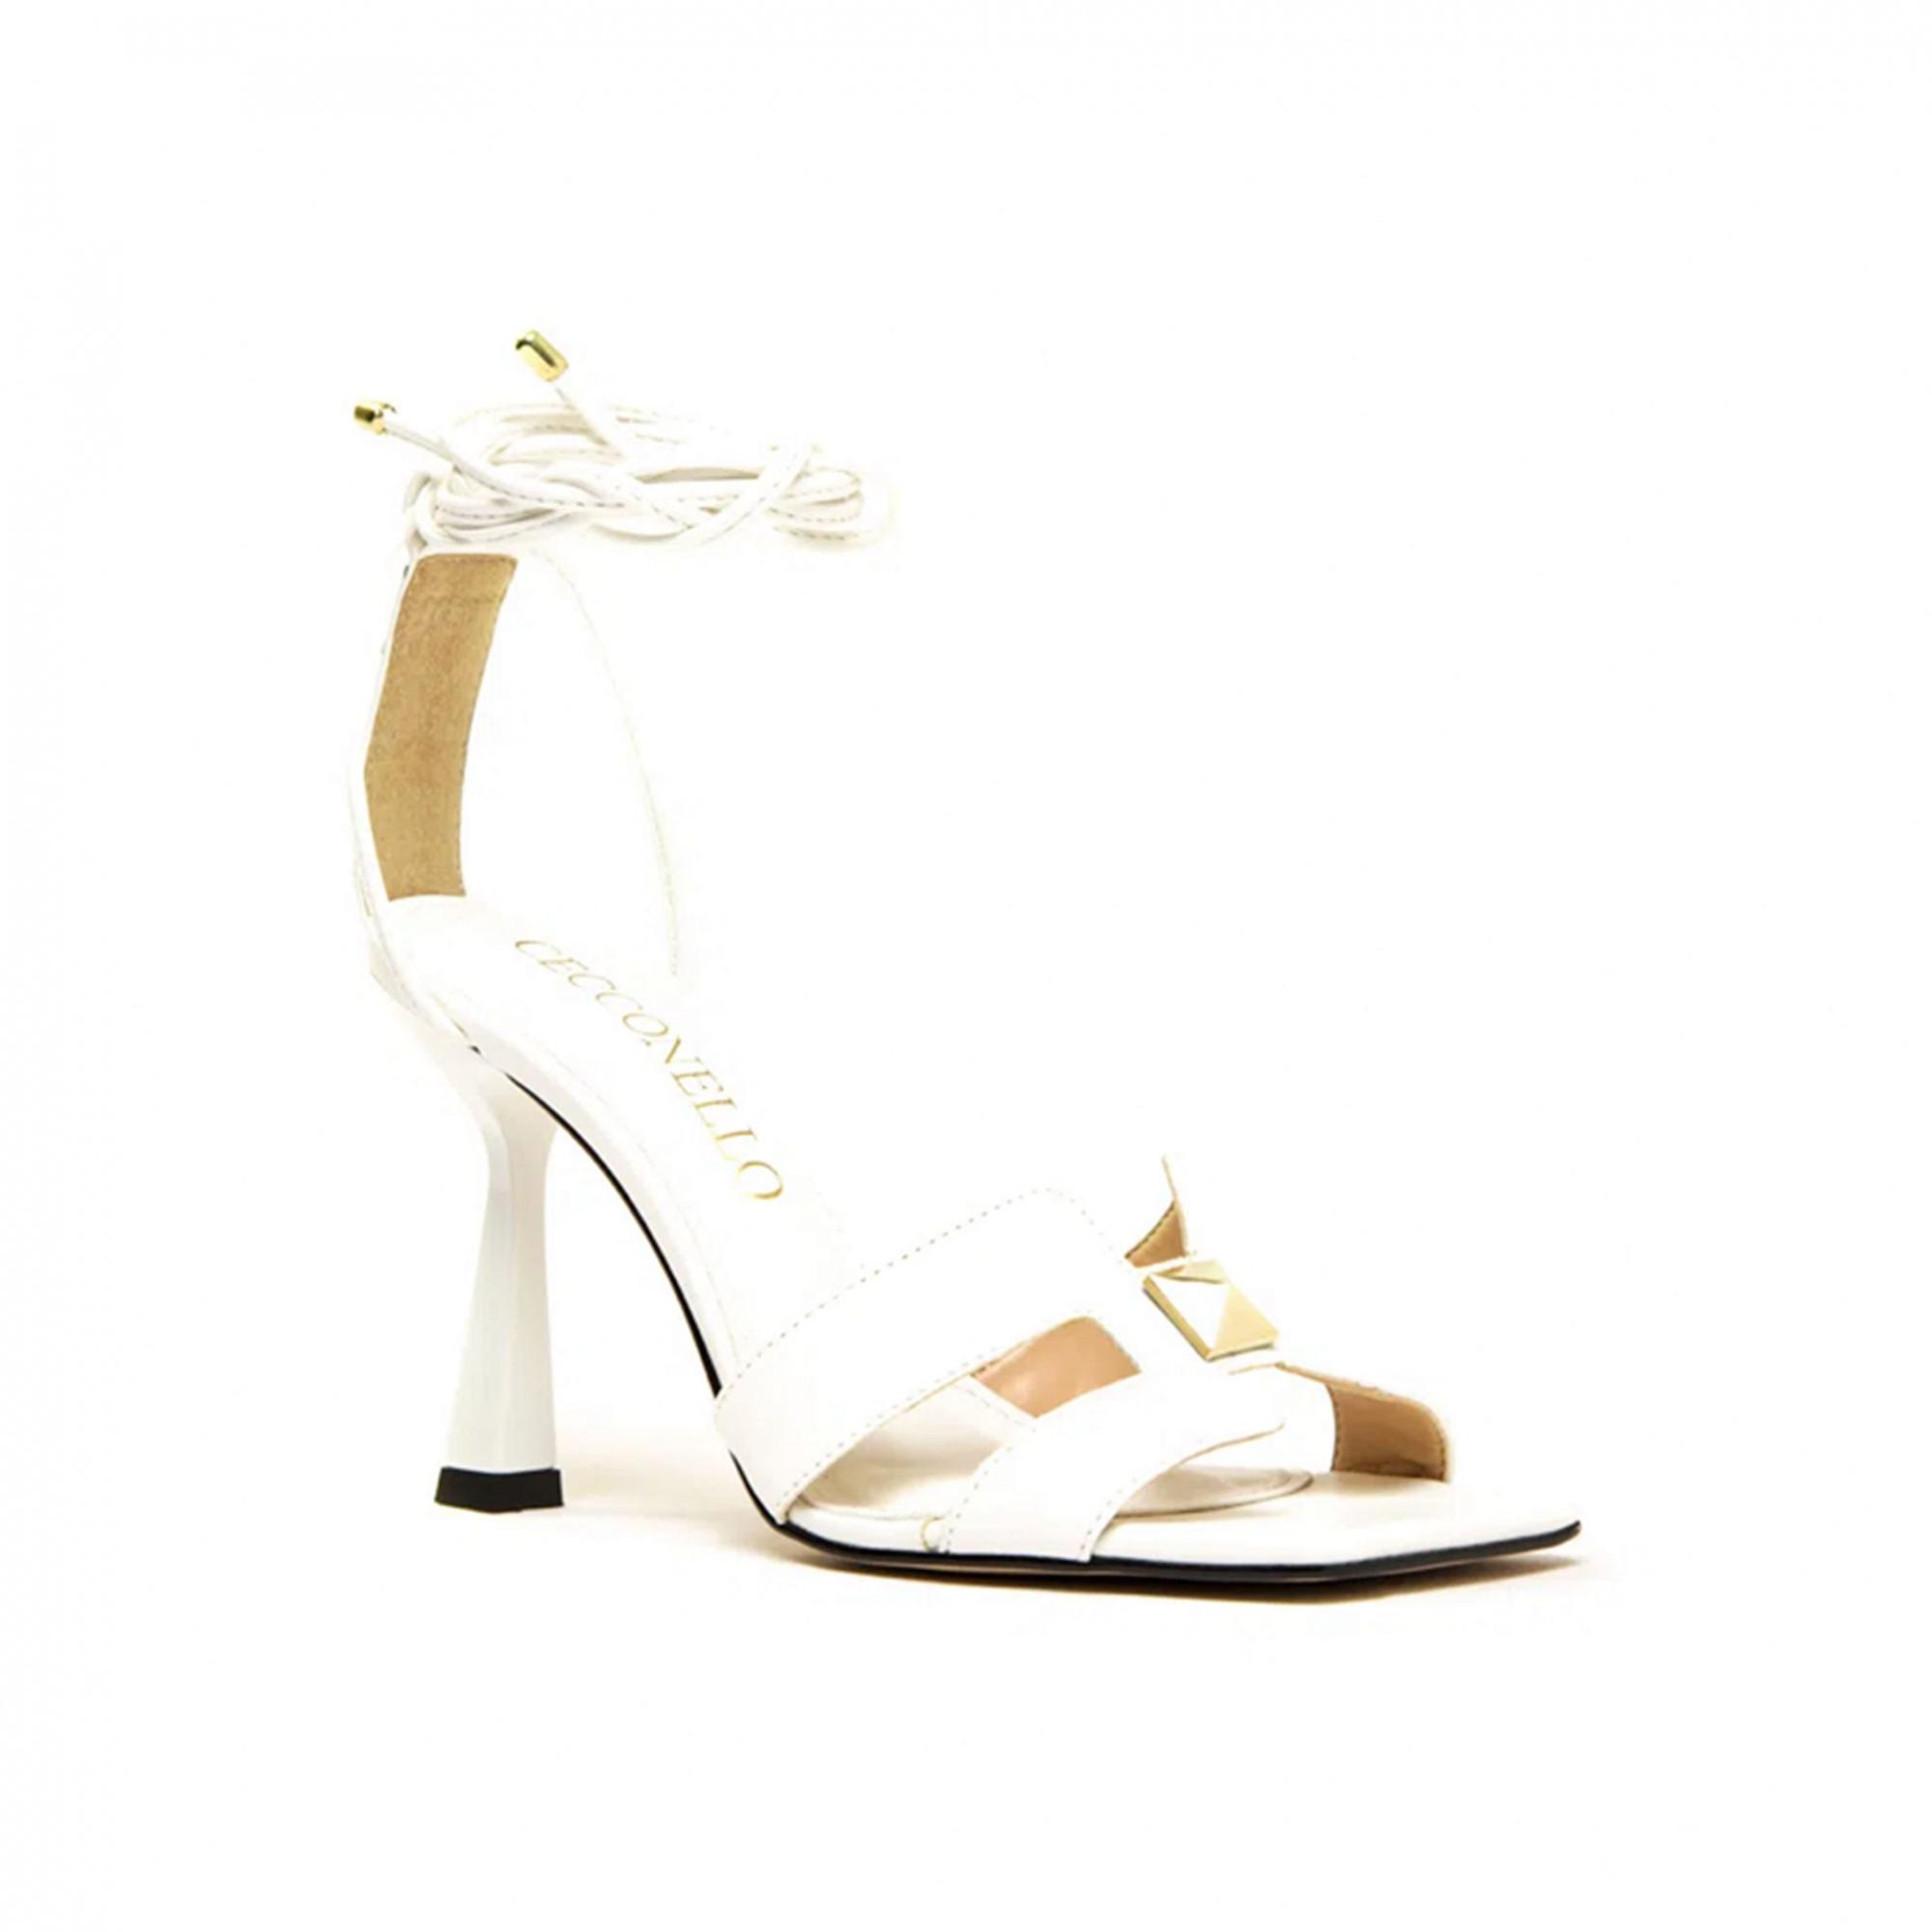 Sandália Cecconello Soft Branco com Enfeite Ouro Salto Alto Fino 09cm